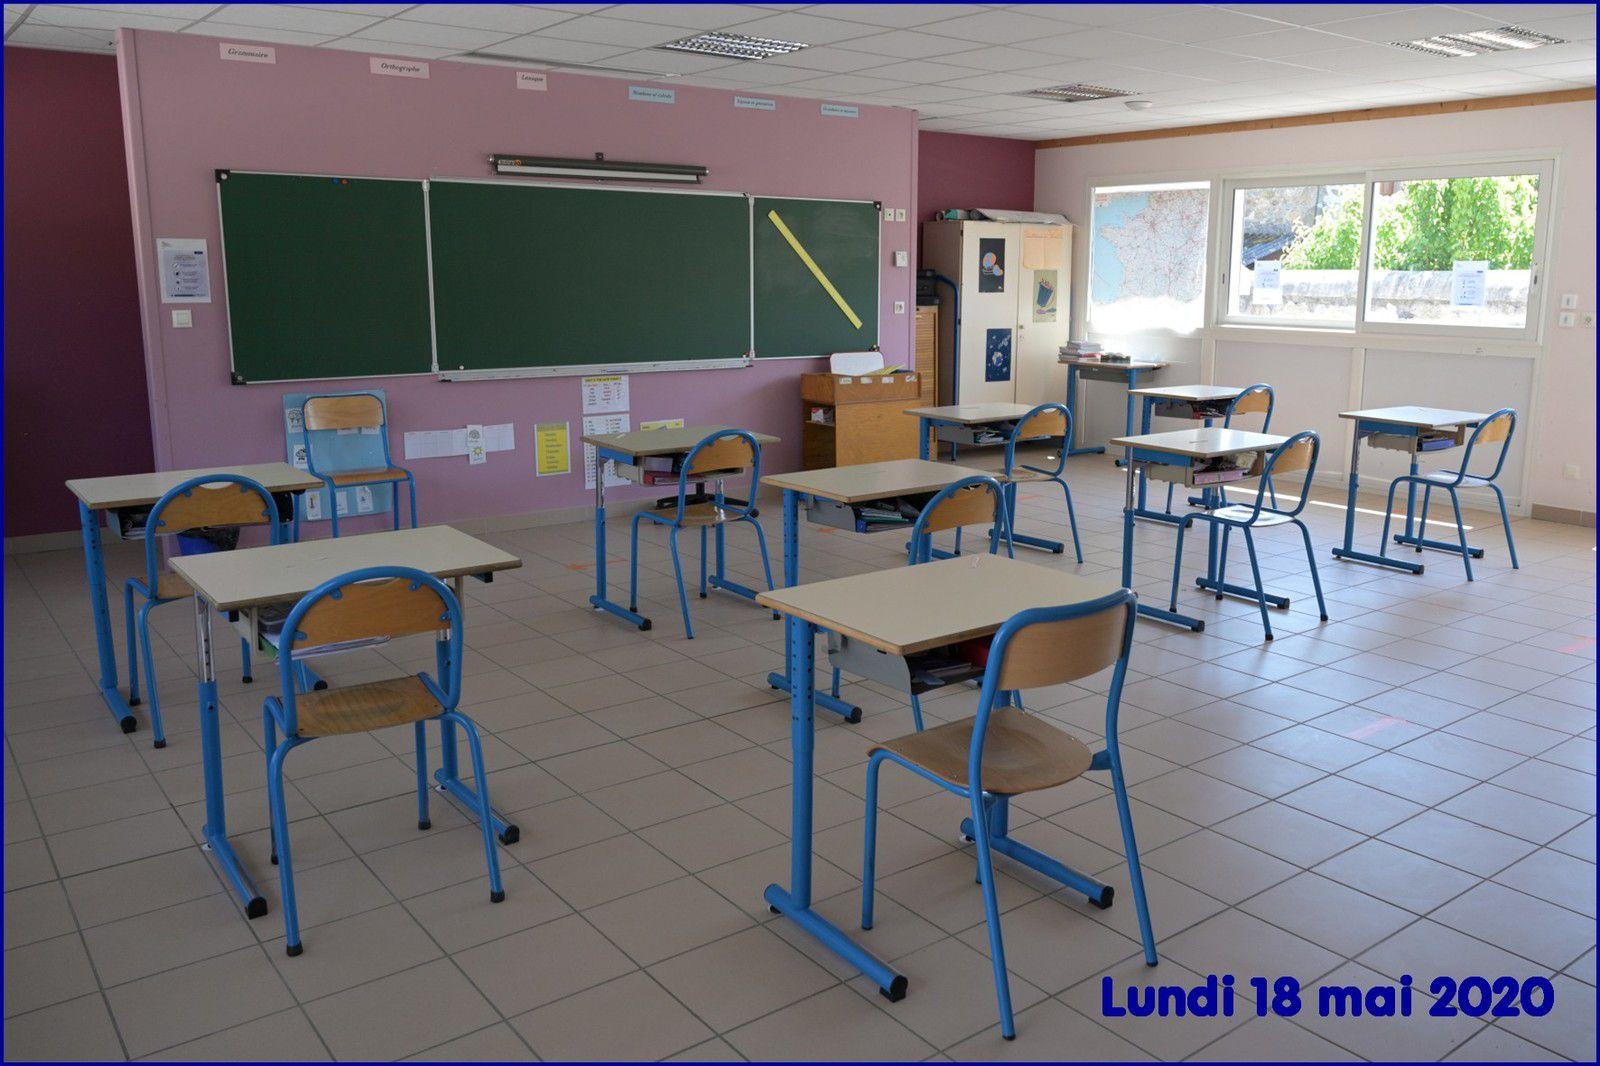 Une salle de classe réaménagée pour respecter les consignes sanitaires.